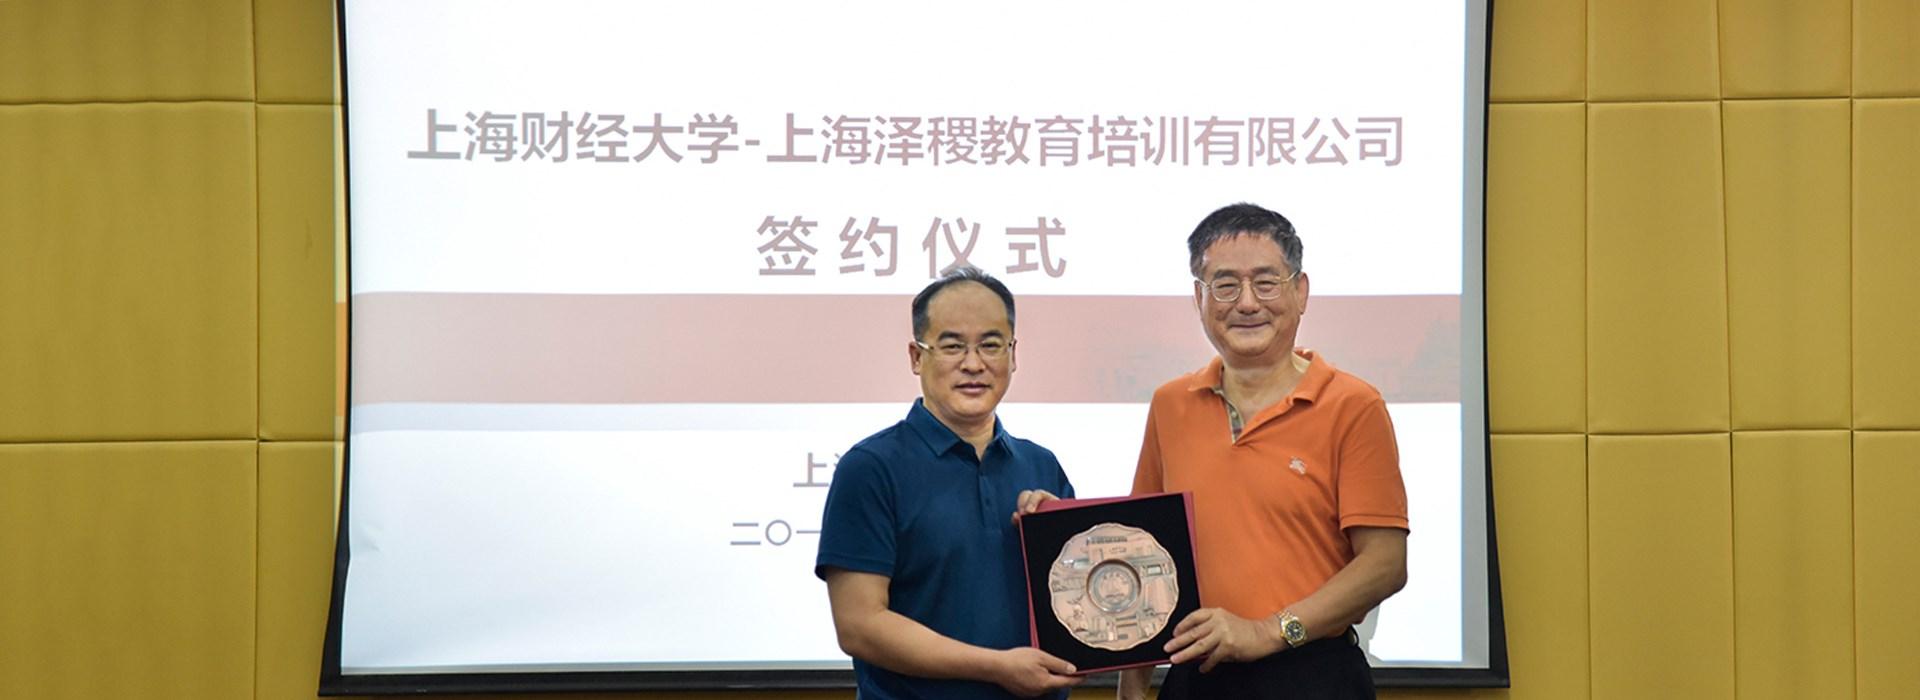 澤稷與上海財經大學簽約